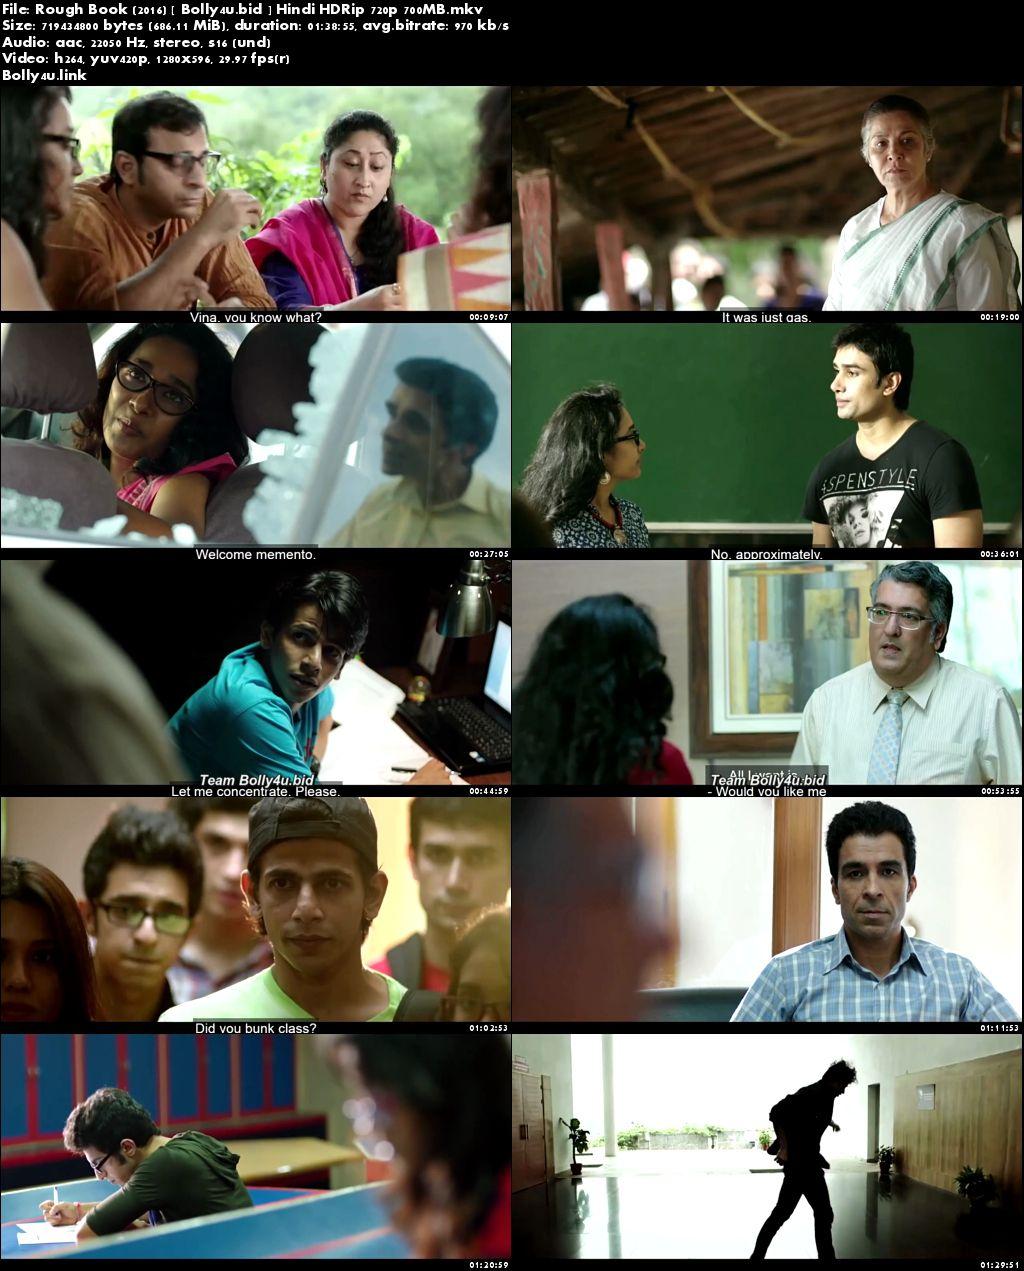 Rough Book 2016 HDRip 300MB Full Hindi Movie Download 480p